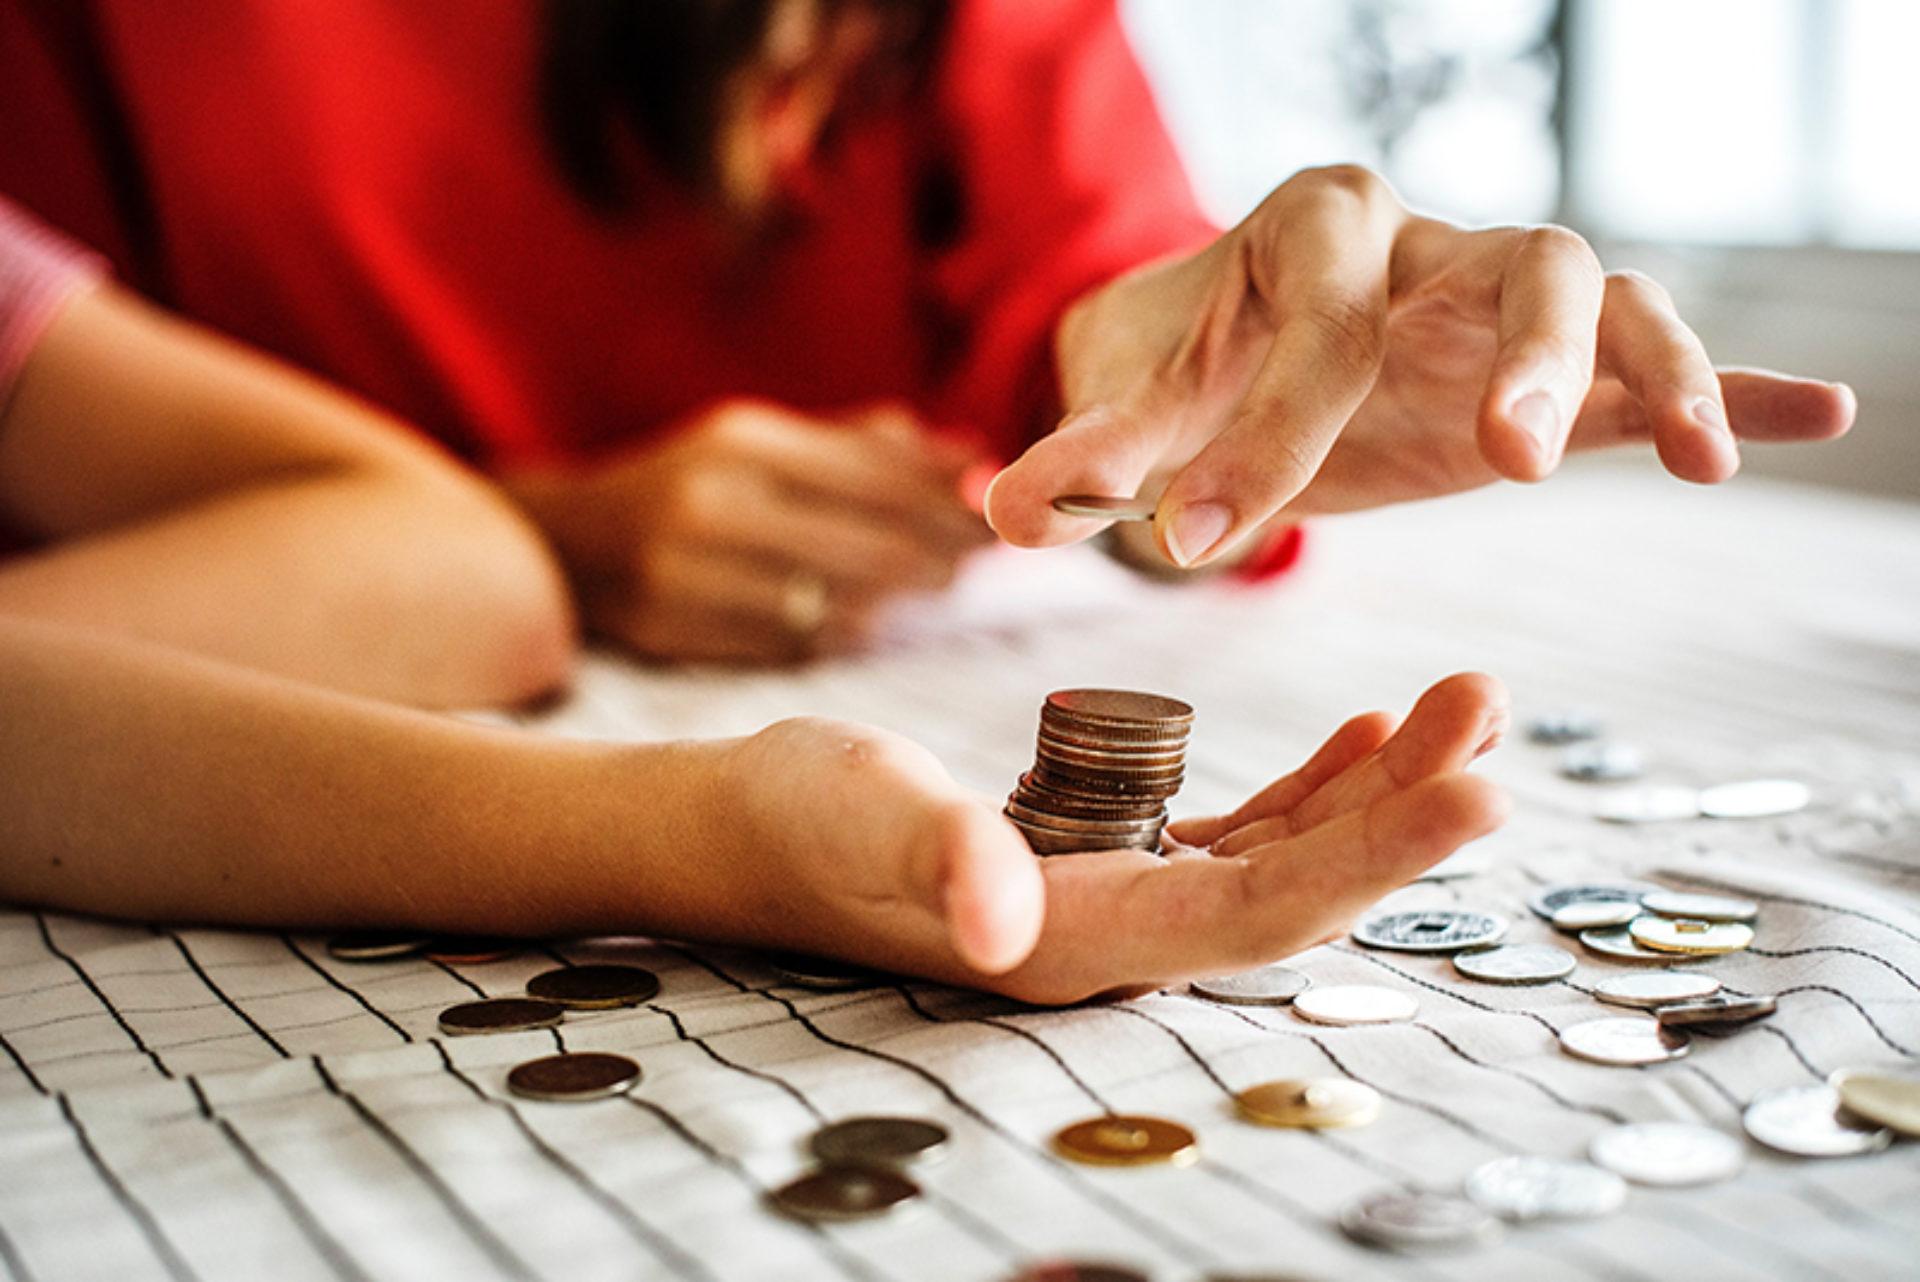 Hoe gaat jouw sterrenbeeld om met geld?